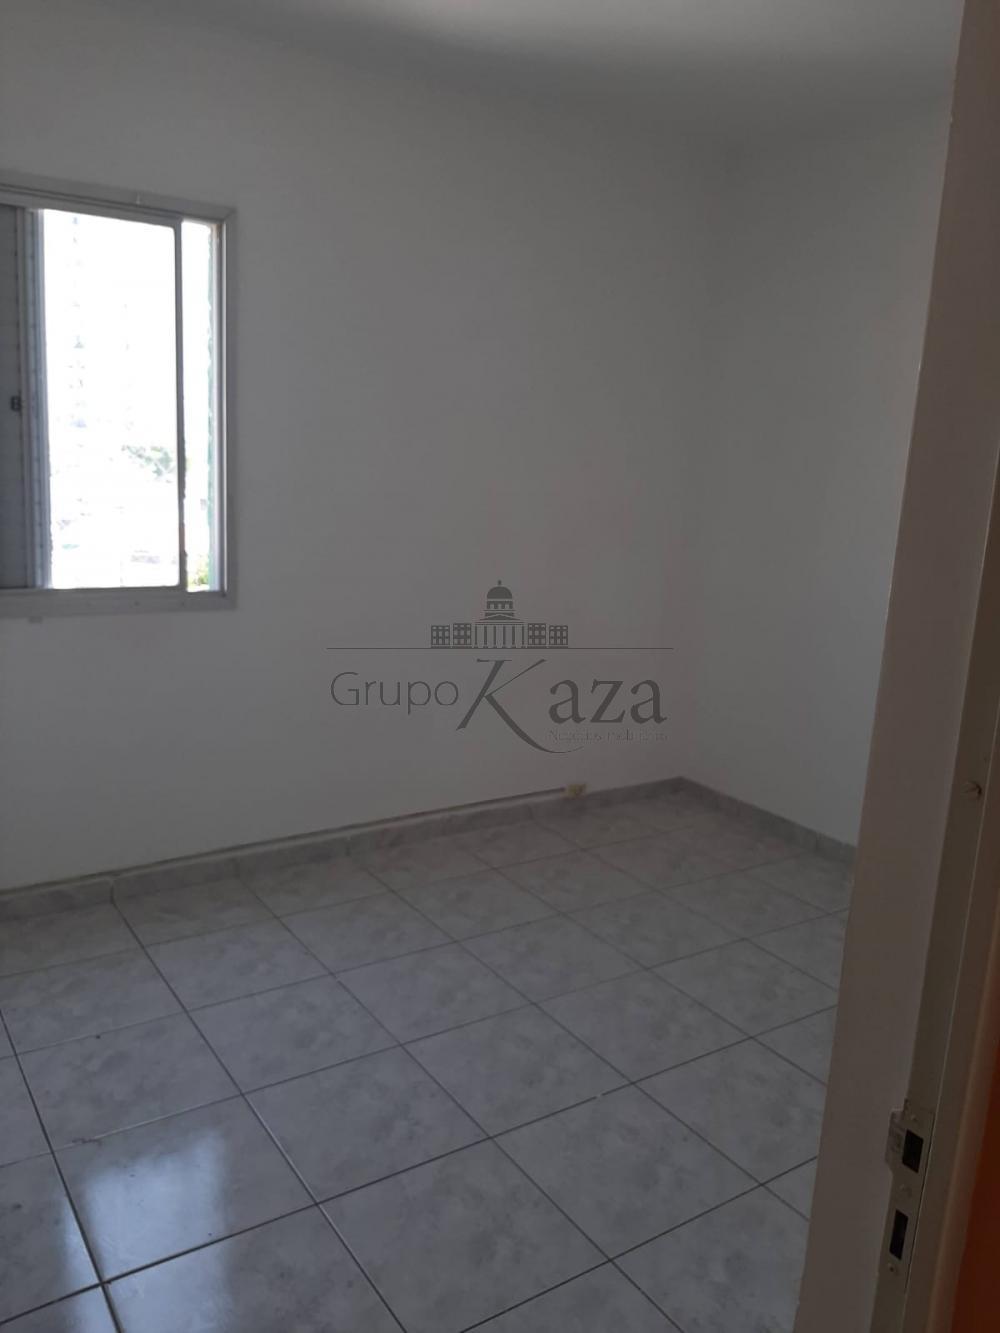 alt='Comprar Apartamento / Padrão em Jacareí R$ 180.000,00 - Foto 7' title='Comprar Apartamento / Padrão em Jacareí R$ 180.000,00 - Foto 7'